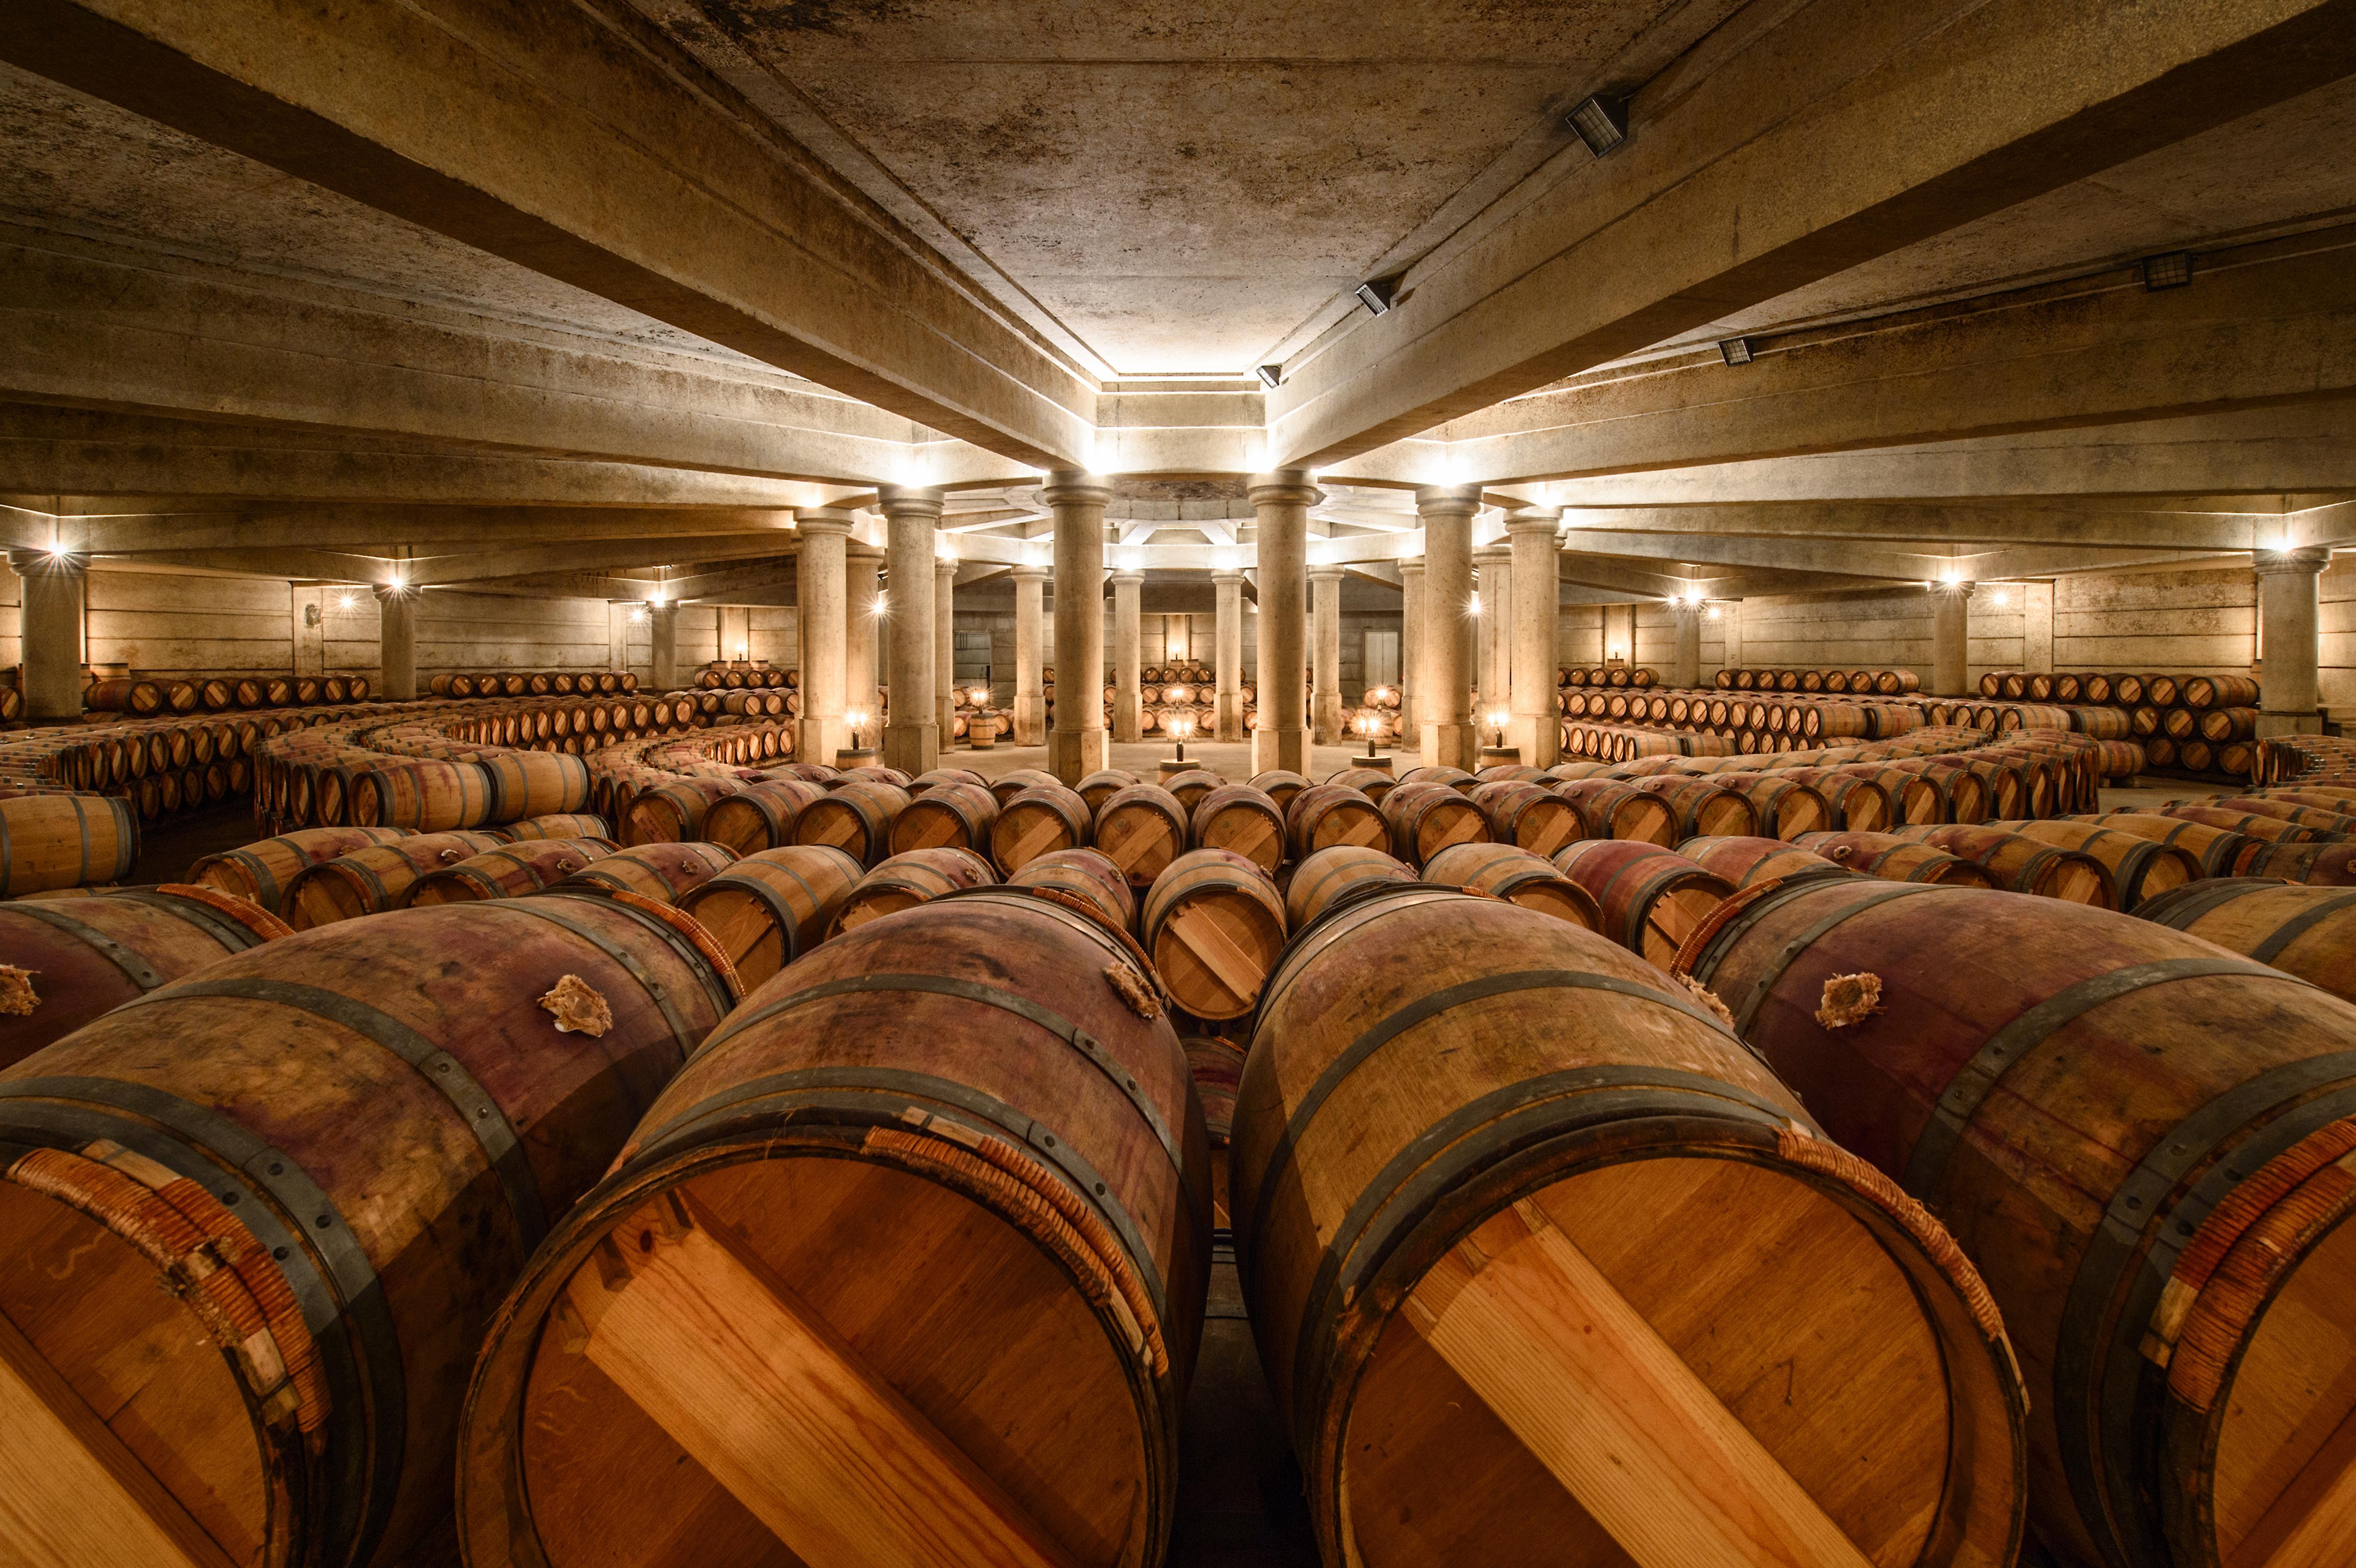 Na foto é possível visualizar tonéis de vinho. Com 50 rótulos da Domaine Barons de Rothschild disponíveis no Brasil, o objetivo do barão é expandir o canal de importação para atuar com comerciantes no país todos e não apenas no território paulistano.